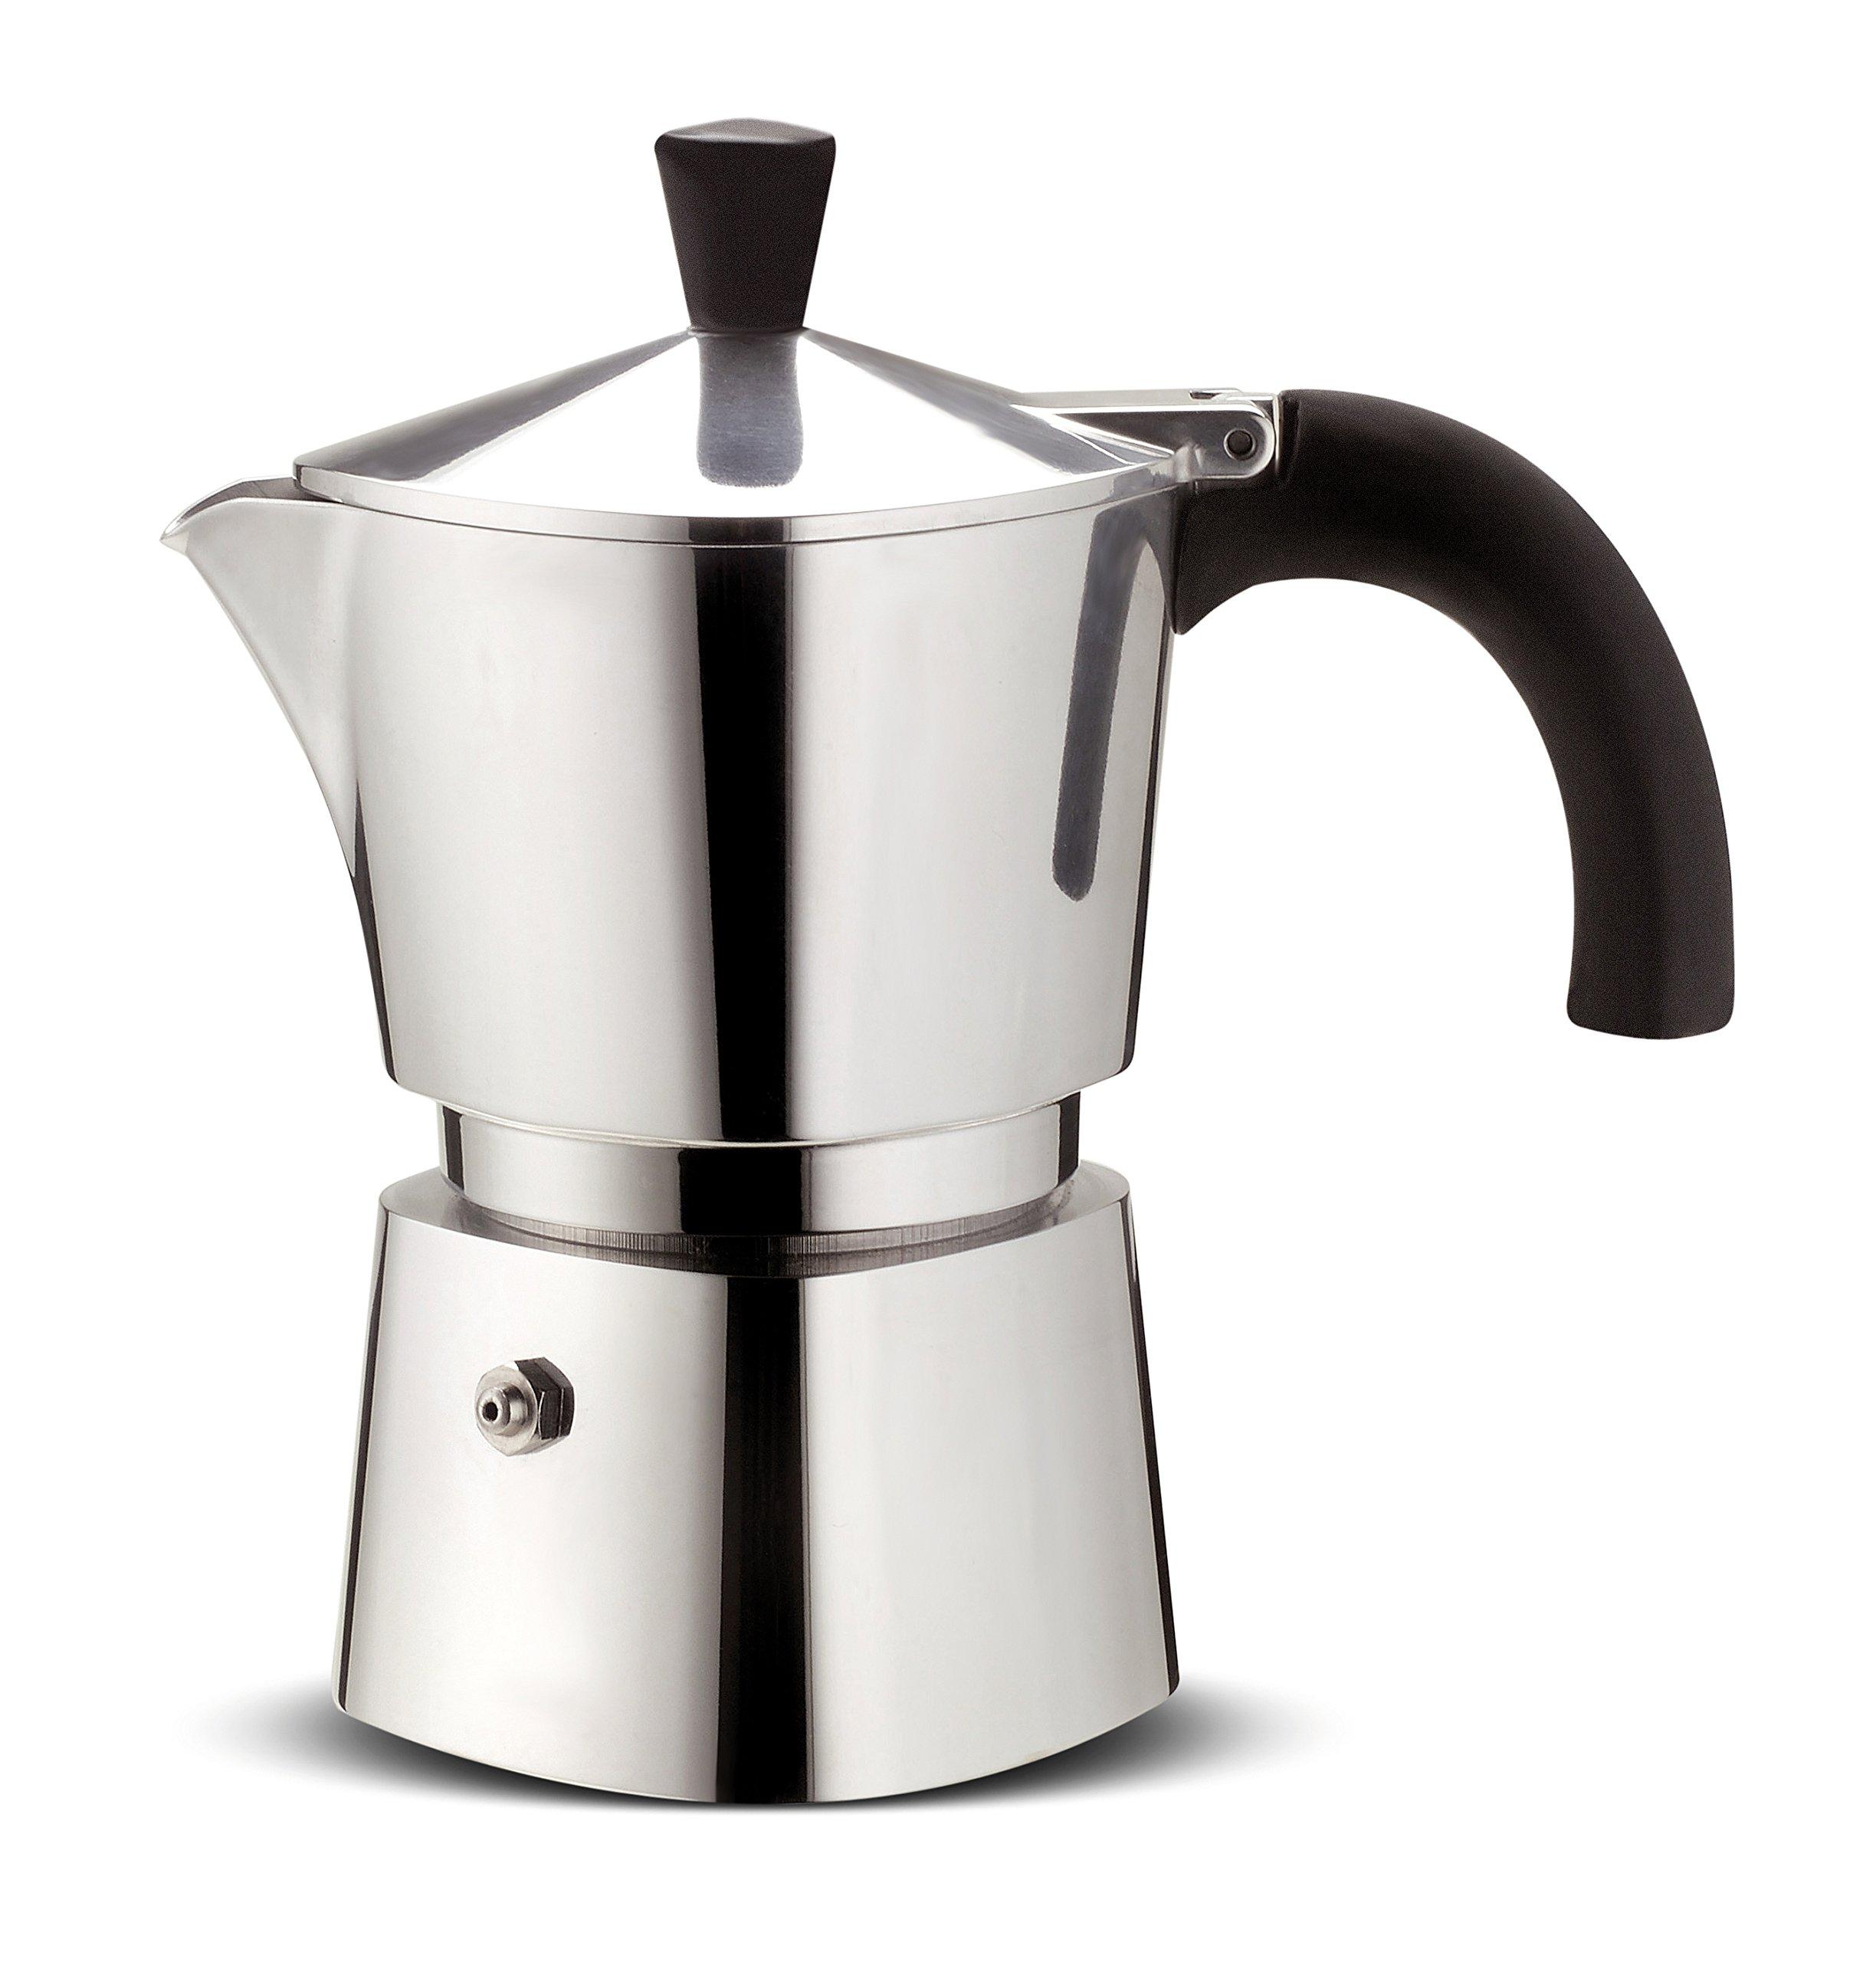 Lagostina Brava cafetera Acero Capacidad 1 Taza de Aluminio, Plateado: Amazon.es: Hogar